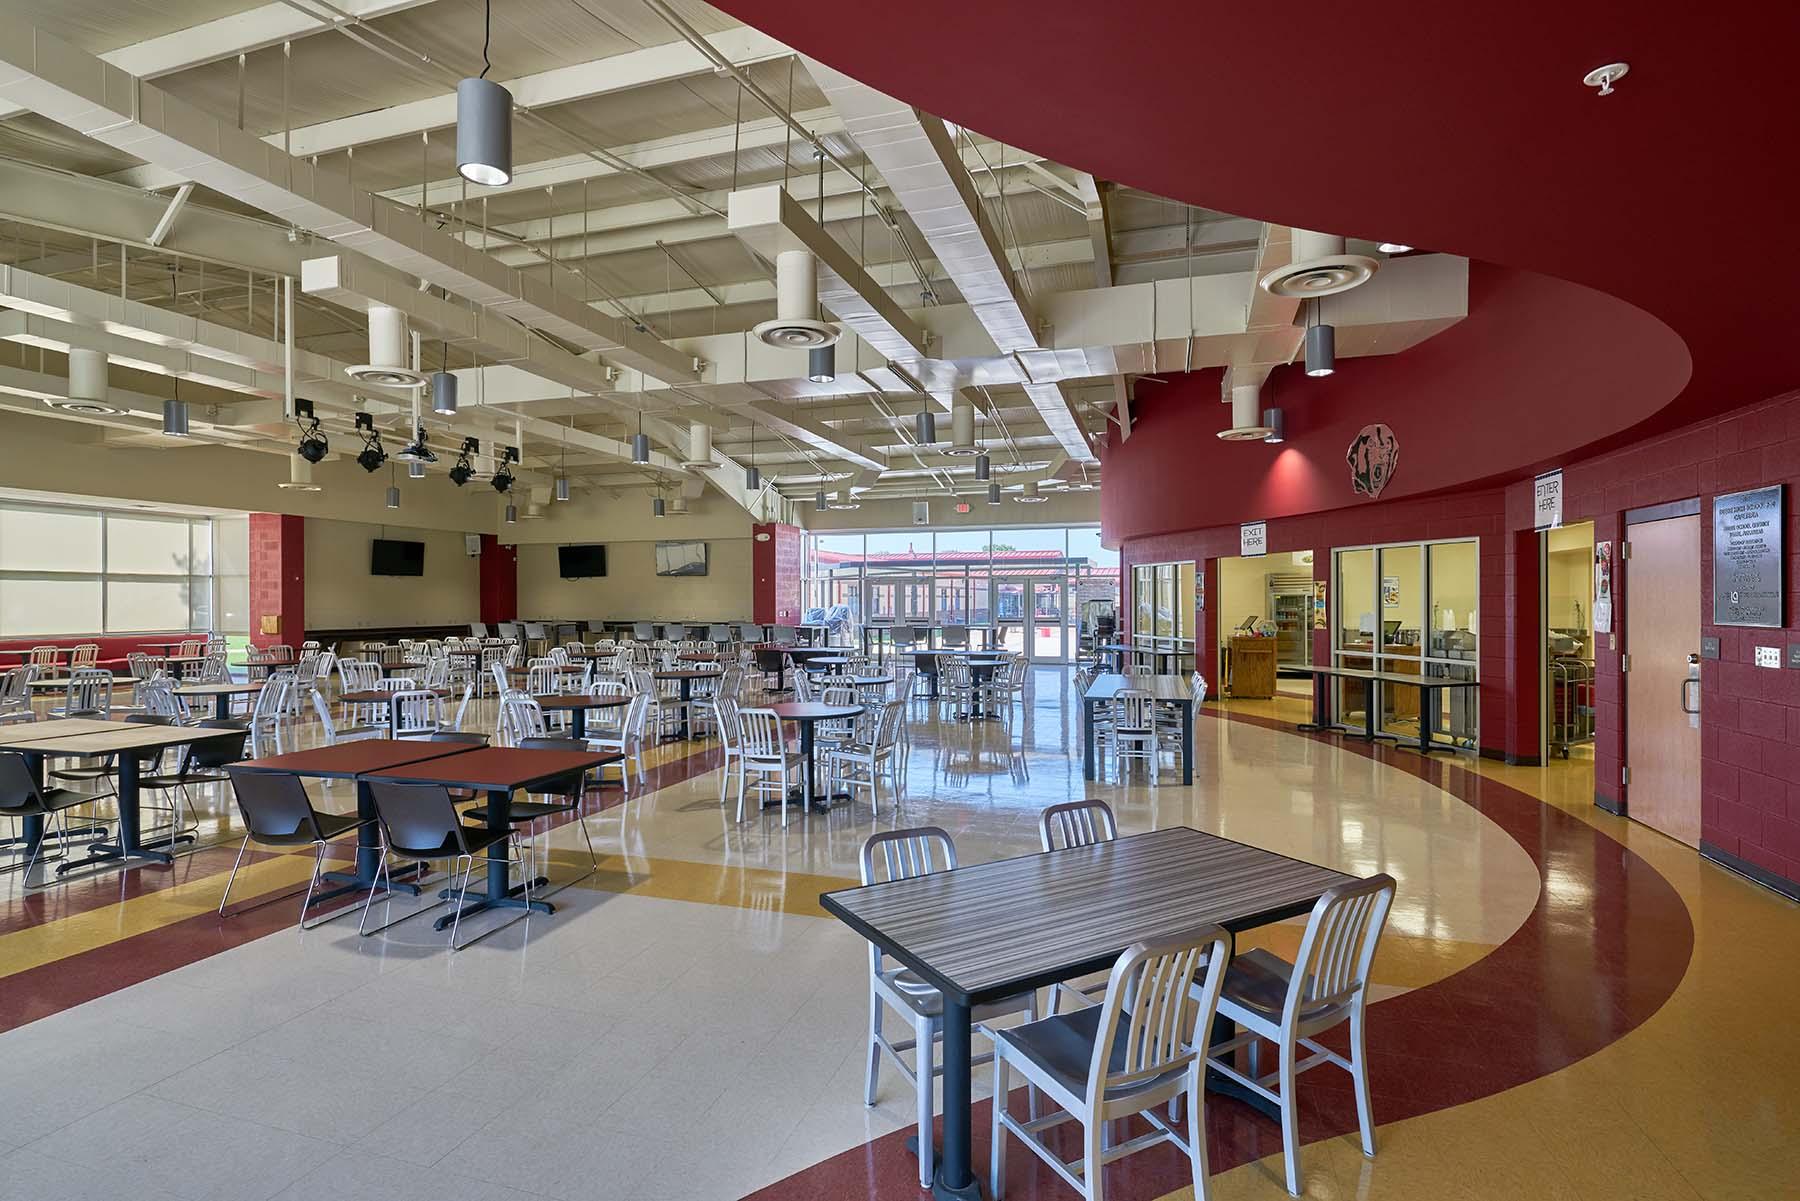 Beebe Cafeteria